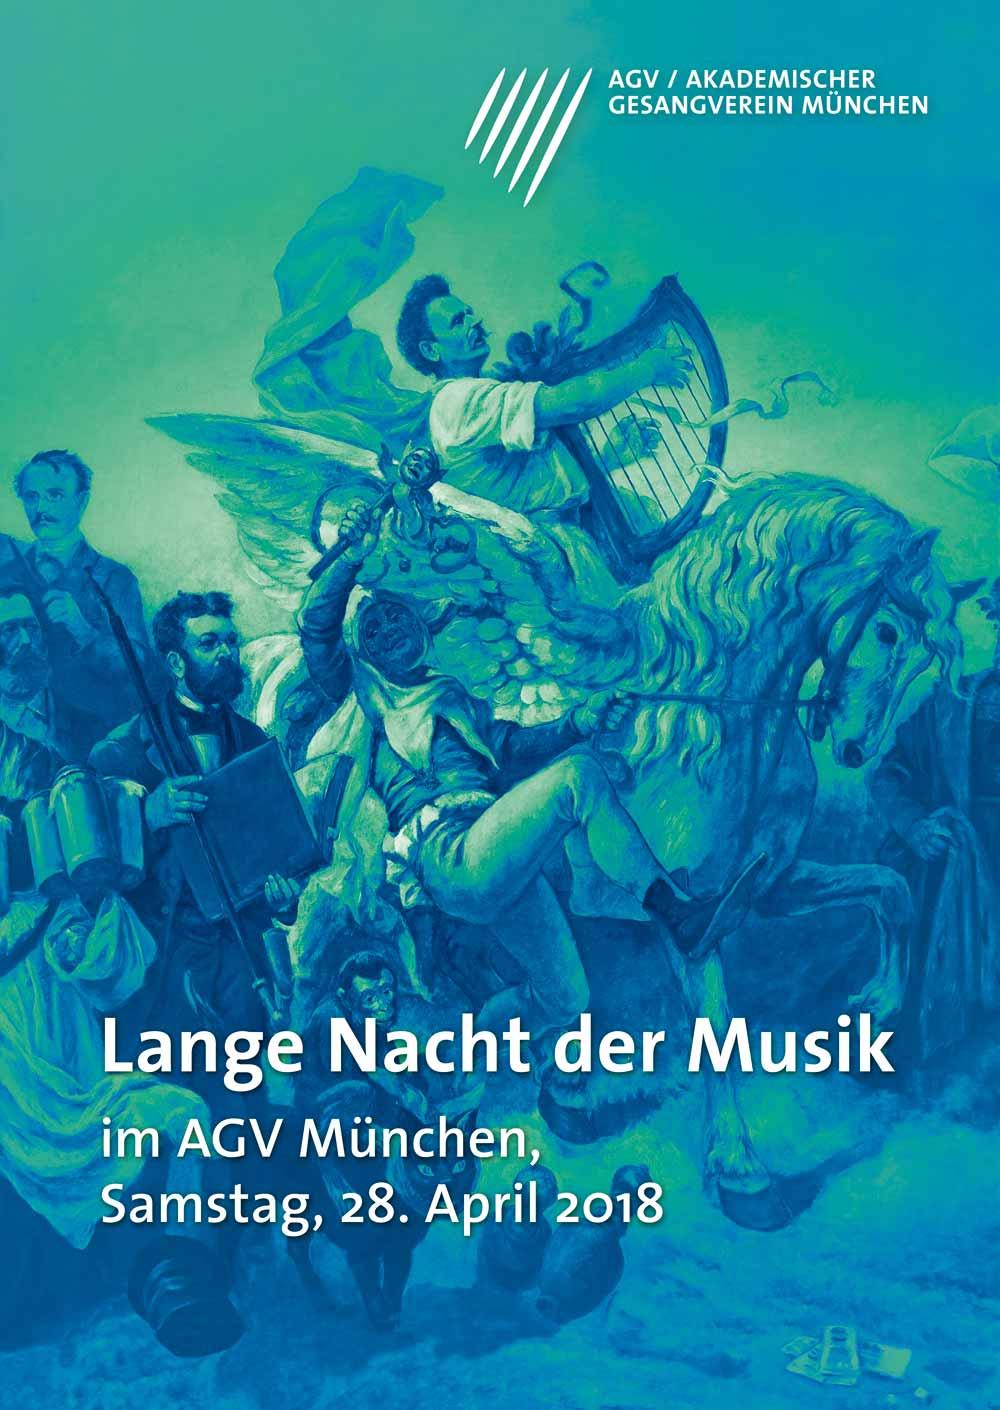 Akademischer Gesangsverein München Lange Nacht der Musik Plakat